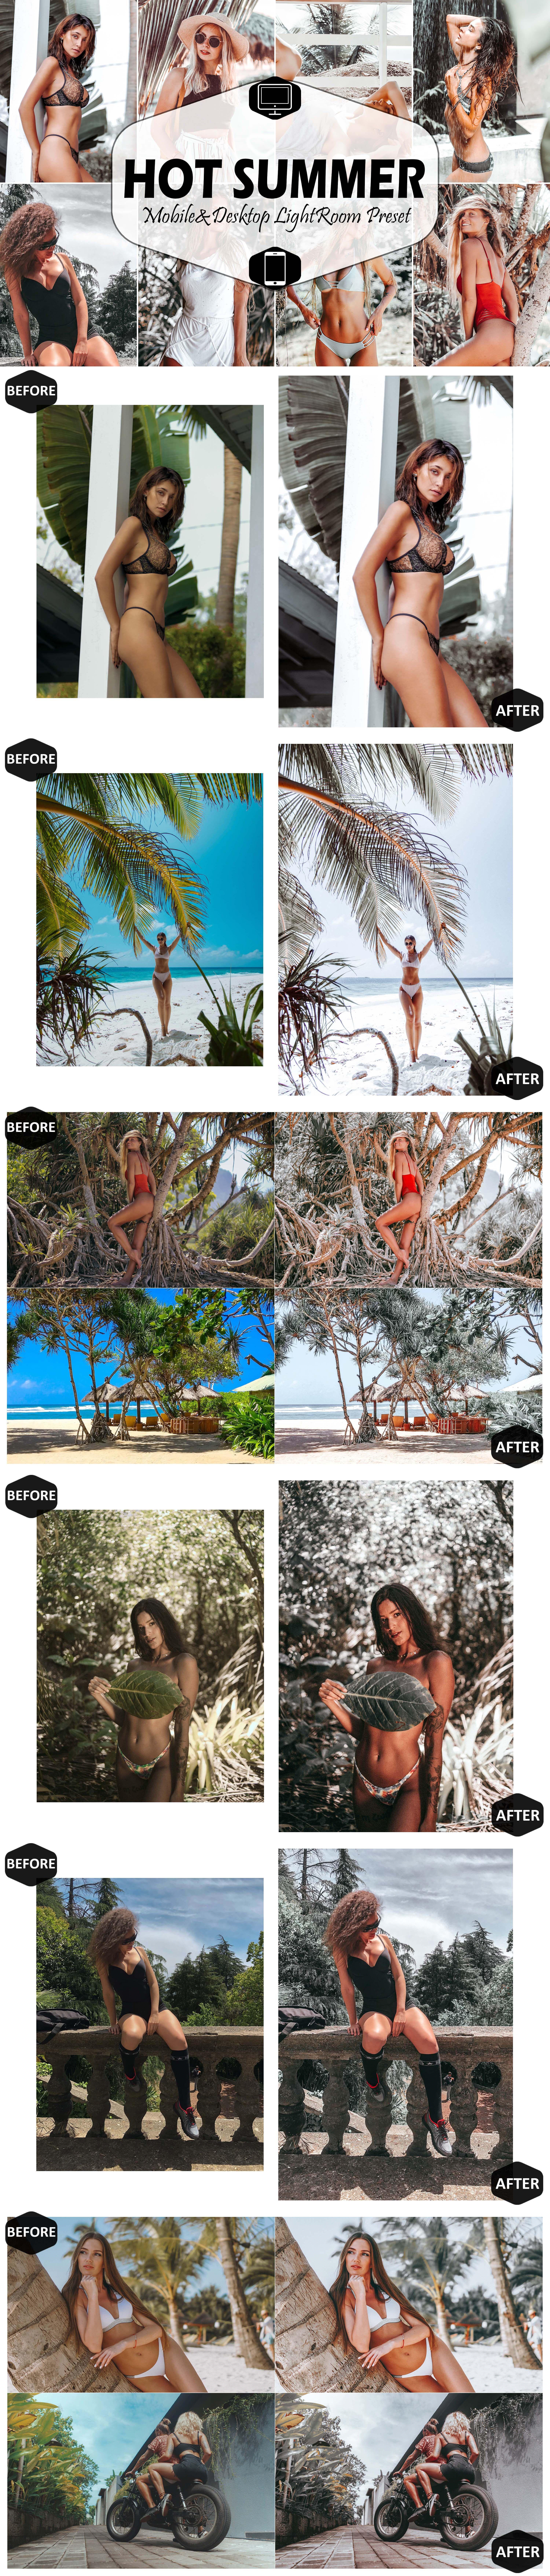 10 Hot Summer Mobile & Desktop Lightroom Presets, beauty LR preset, Portrait editing Filter, DNG